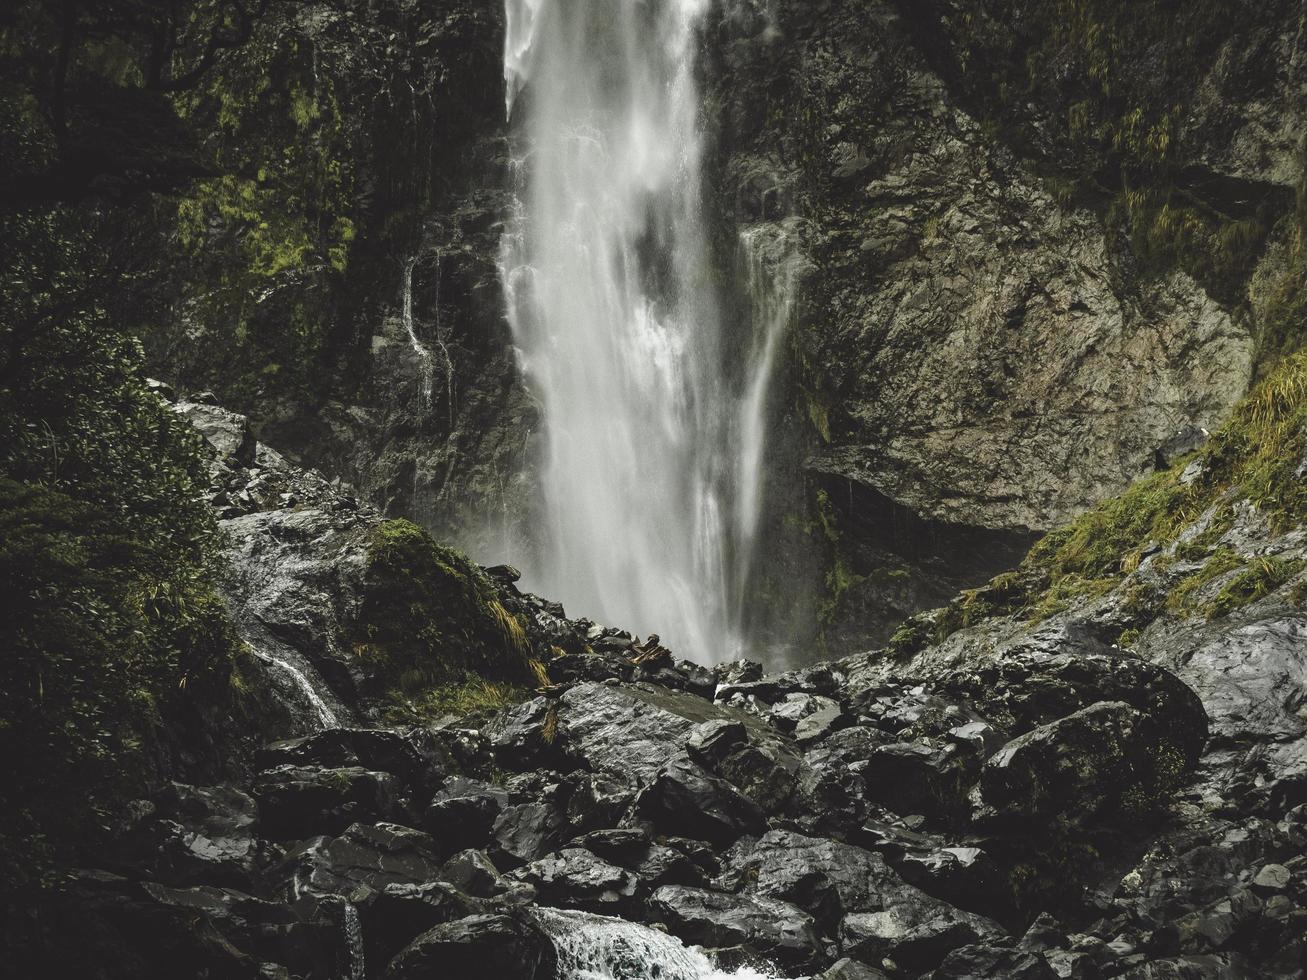 Wasserfall zwischen Felsen foto